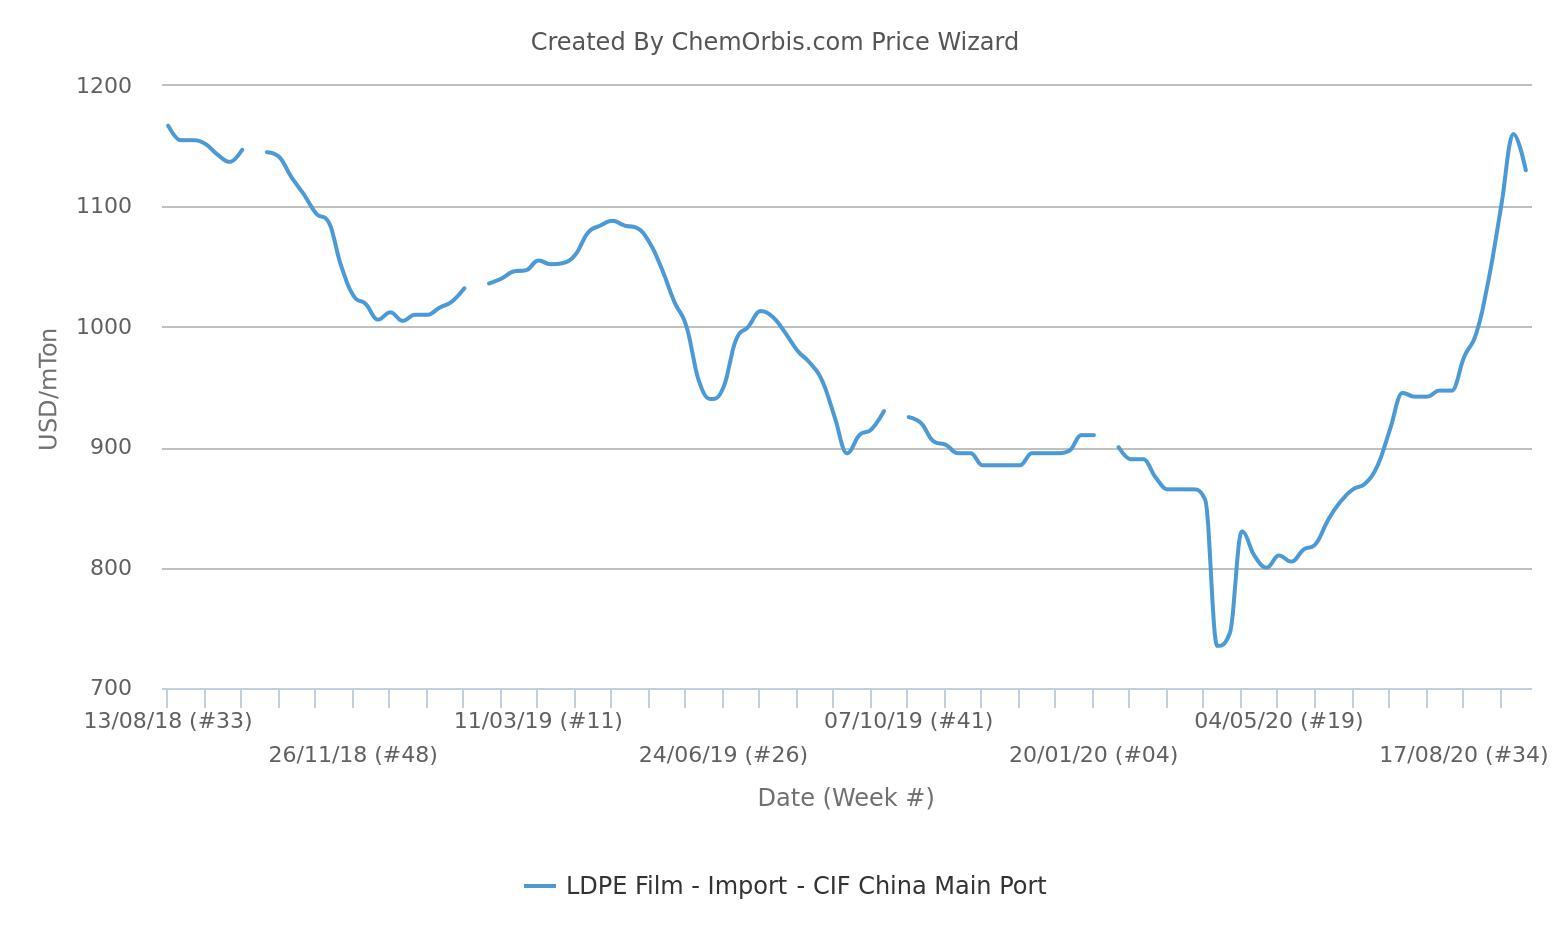 Xu hướng tăng của LDPE